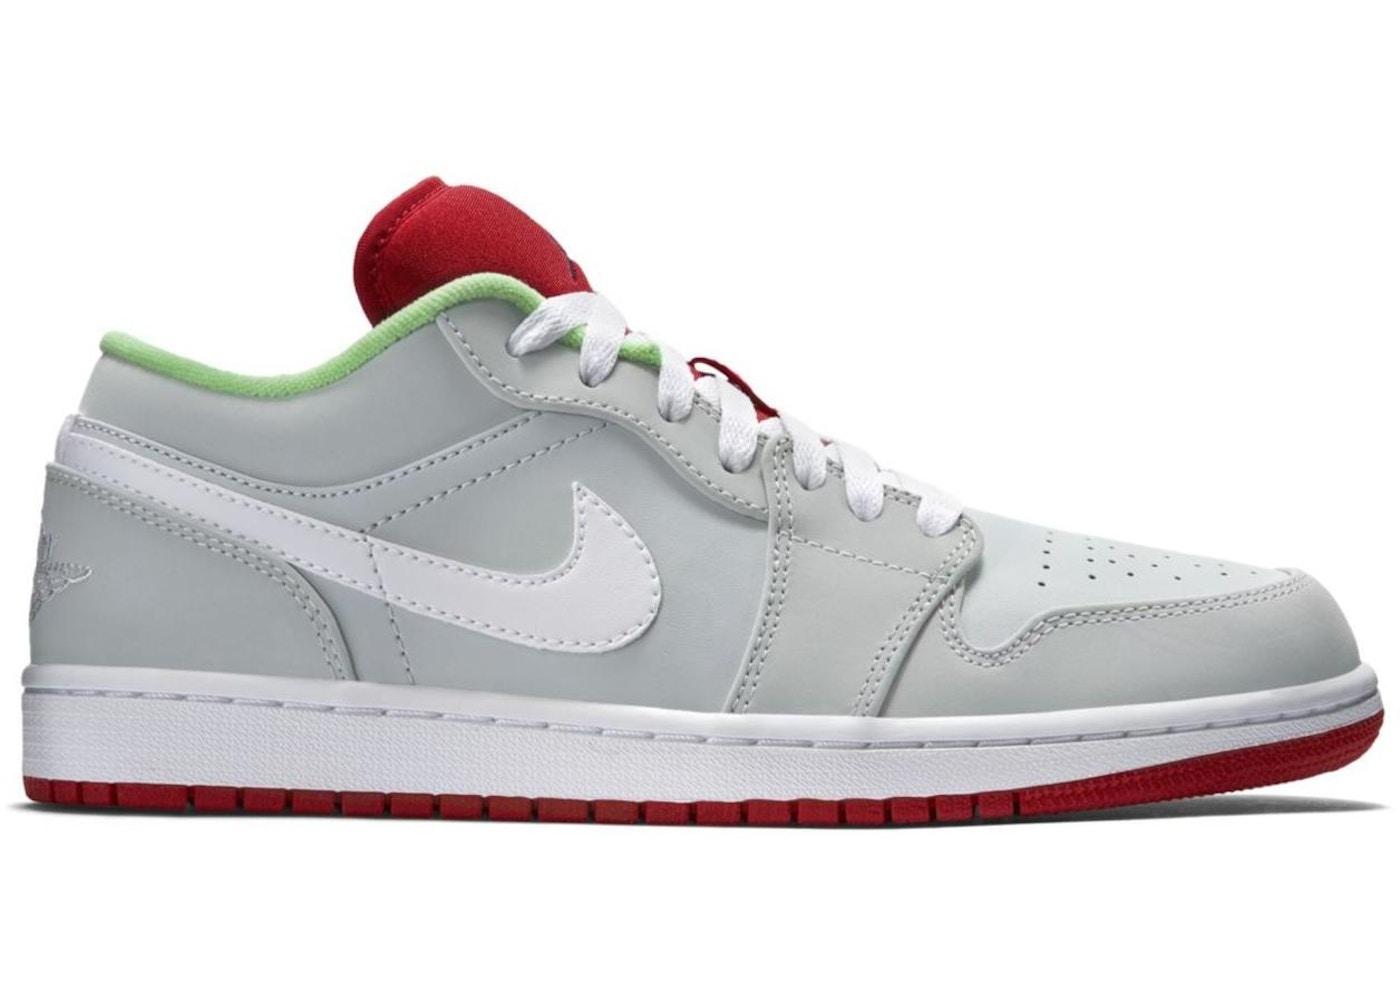 buy online 31f92 56a66 Jordan 1 Retro Low Hare Jordan (2015)